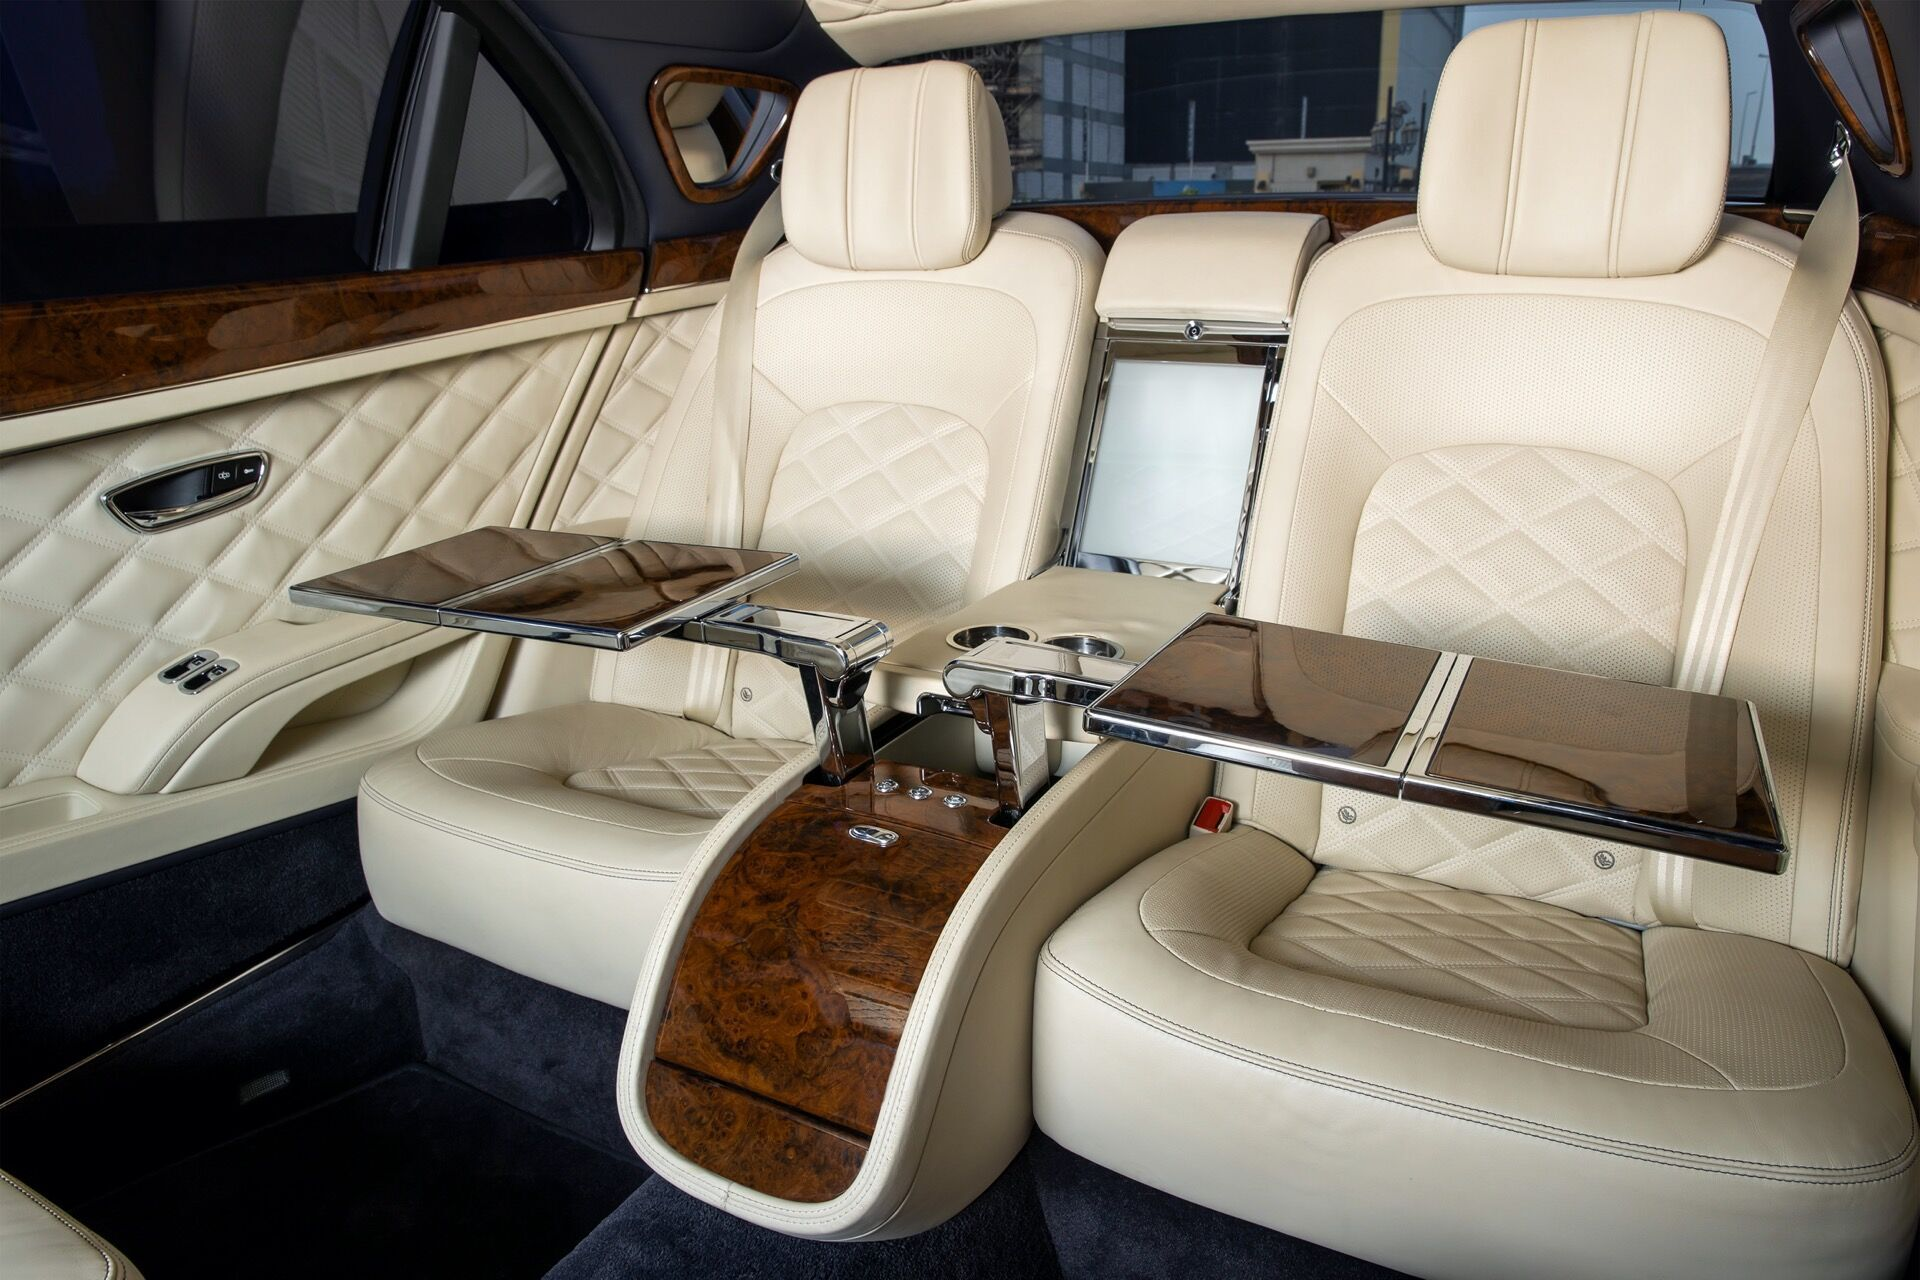 Для VIP-пассажиров предусмотрены индивидуальные откидные столики, охлаждаемое отделение для шампанского, комплект хрустальных бокалов, а также порты для подключения различных девайсов